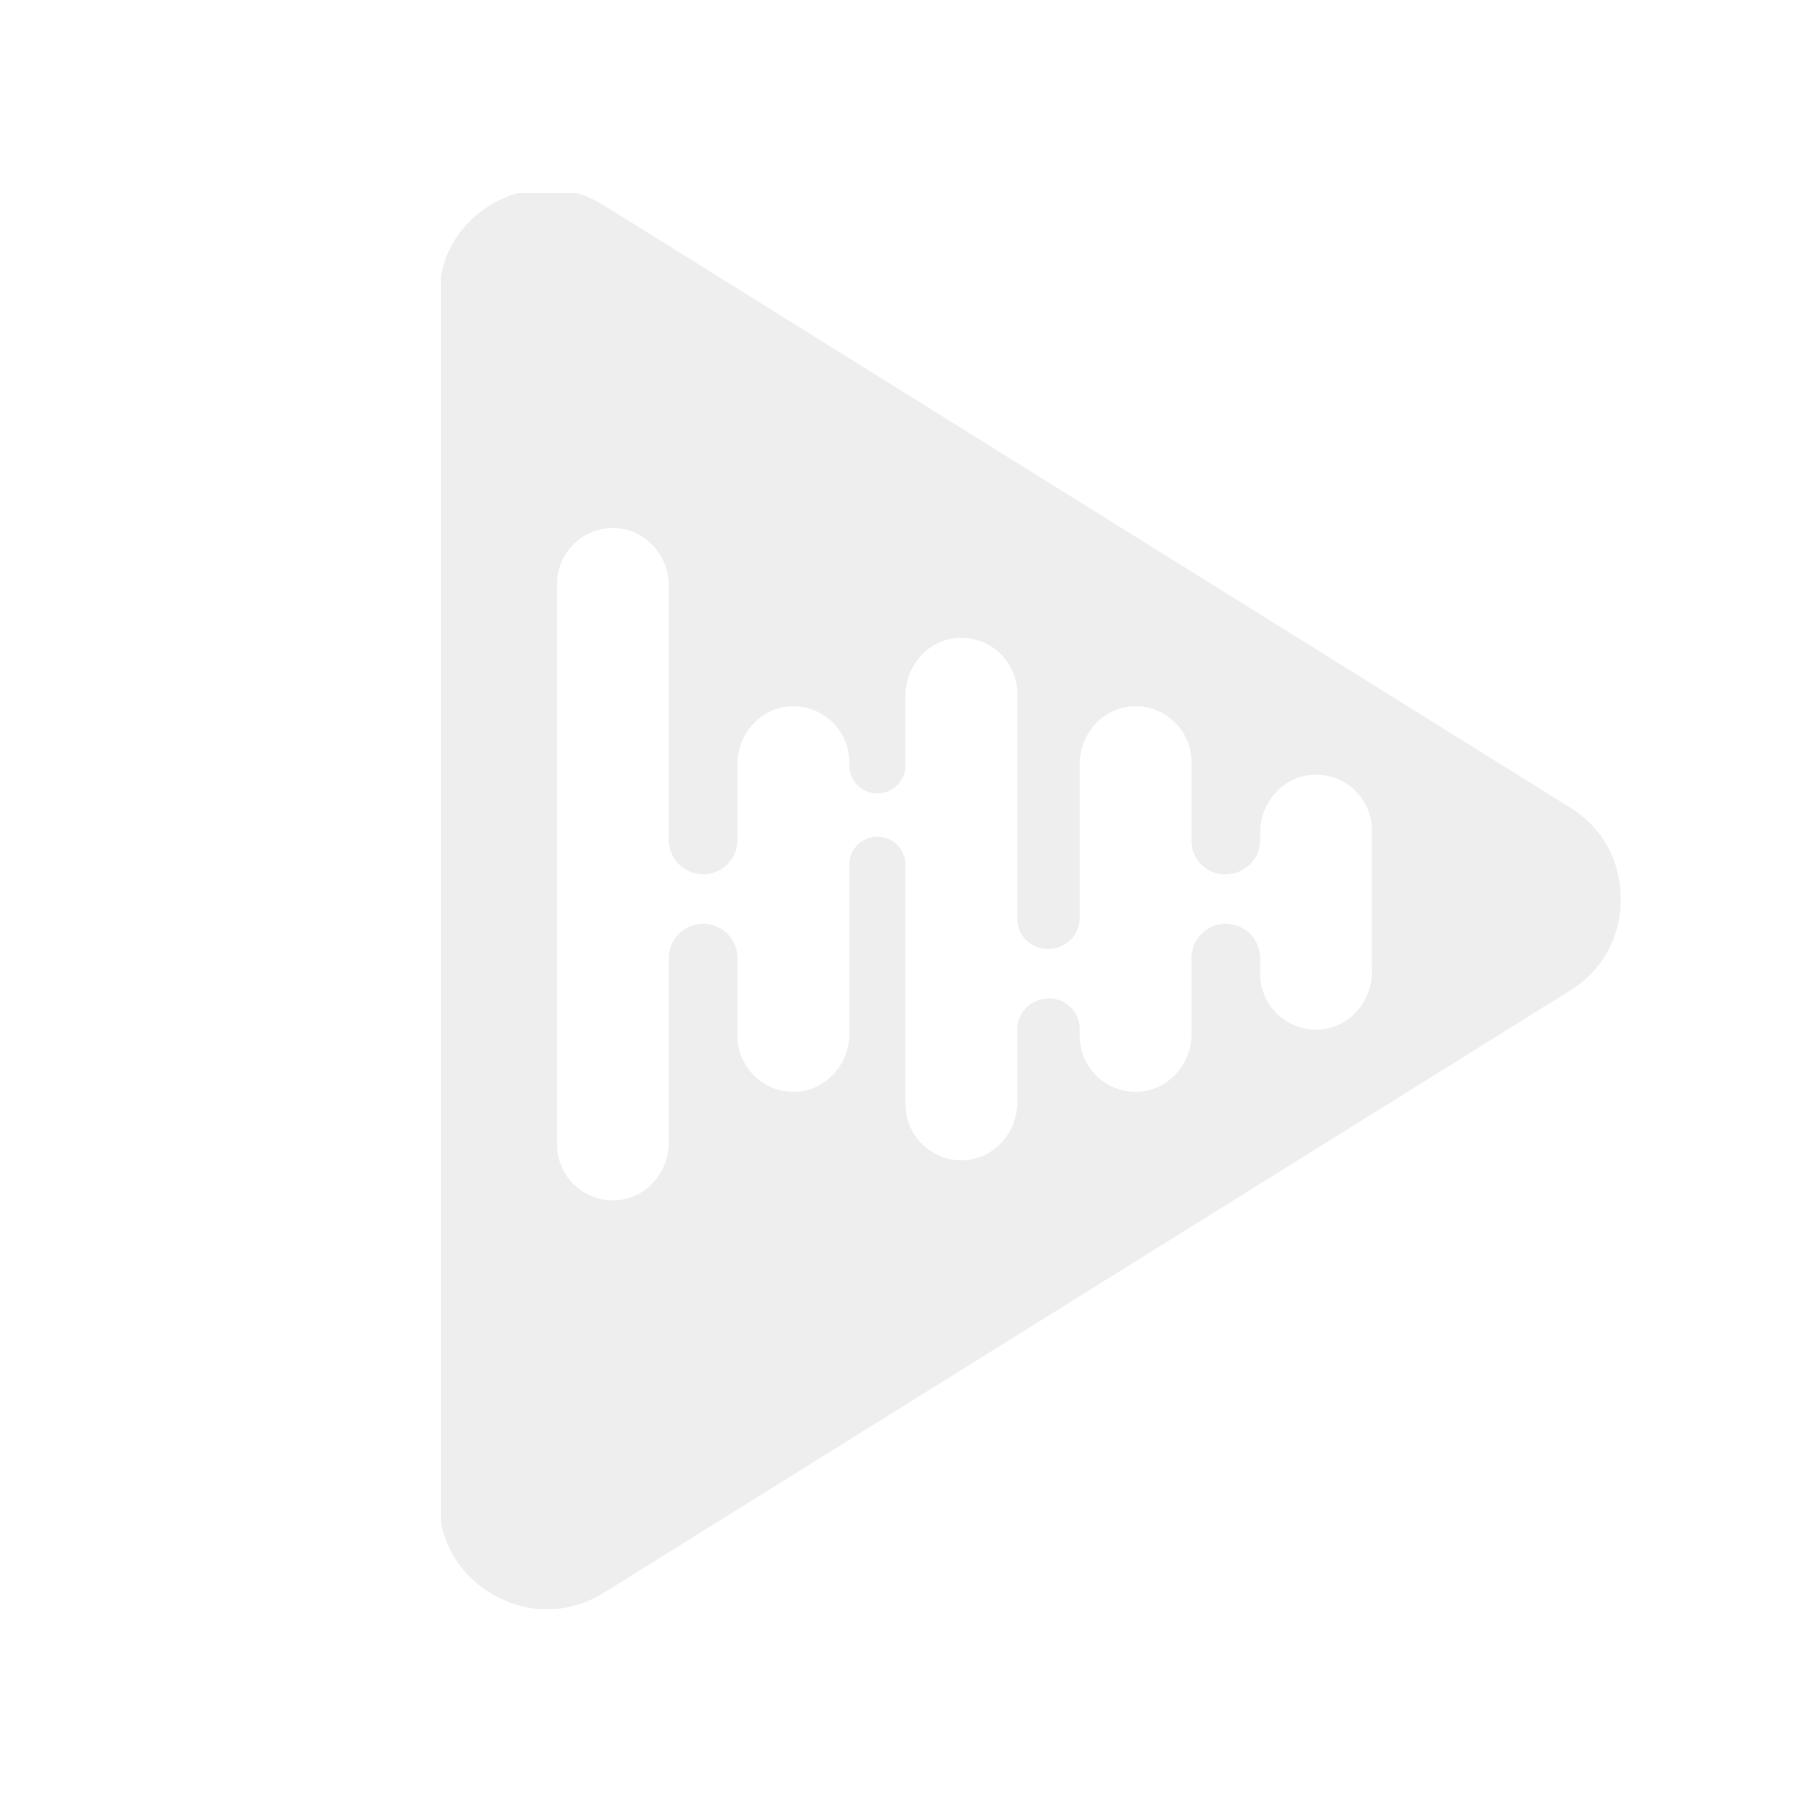 Dension DBP1GEN - DAB-integrering, Aux eller FM-modulering, app-styring